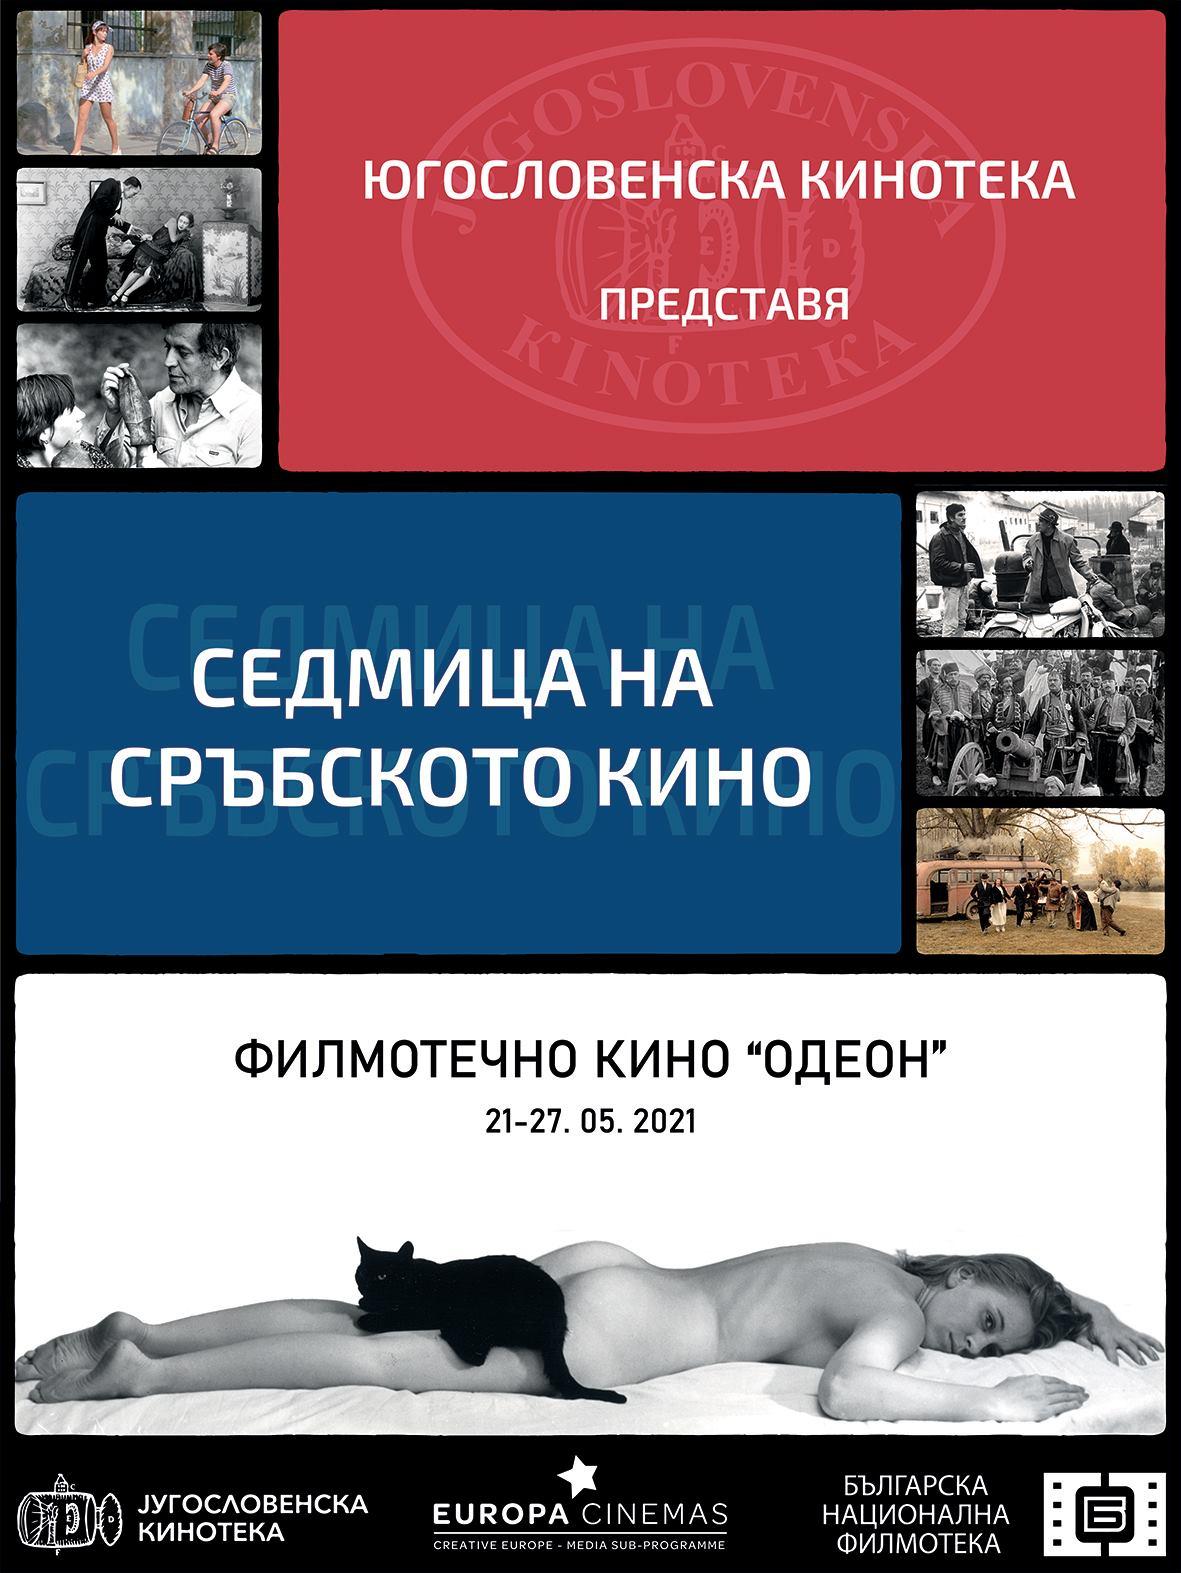 Serbian Cinema Week in Sofia Cinema Odeon